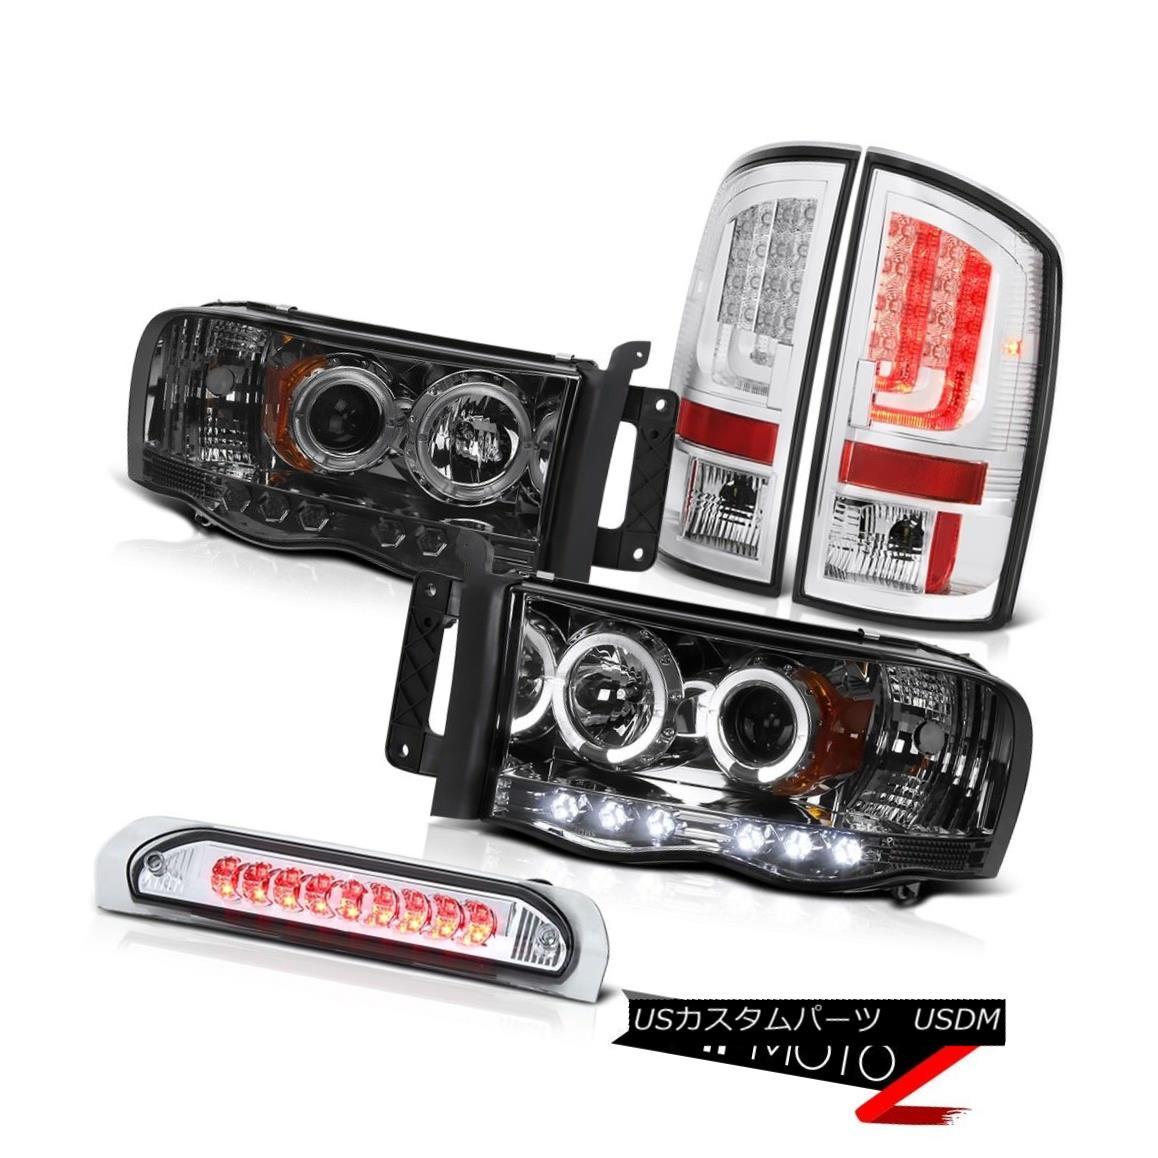 テールライト 02-05 Ram 1500 2500 3500 5.9L Euro Clear Tail Lights Headlights High STop Light 02-05 Ram 1500 2500 3500 5.9Lユーロクリアテールライトヘッドライトハイストップライト